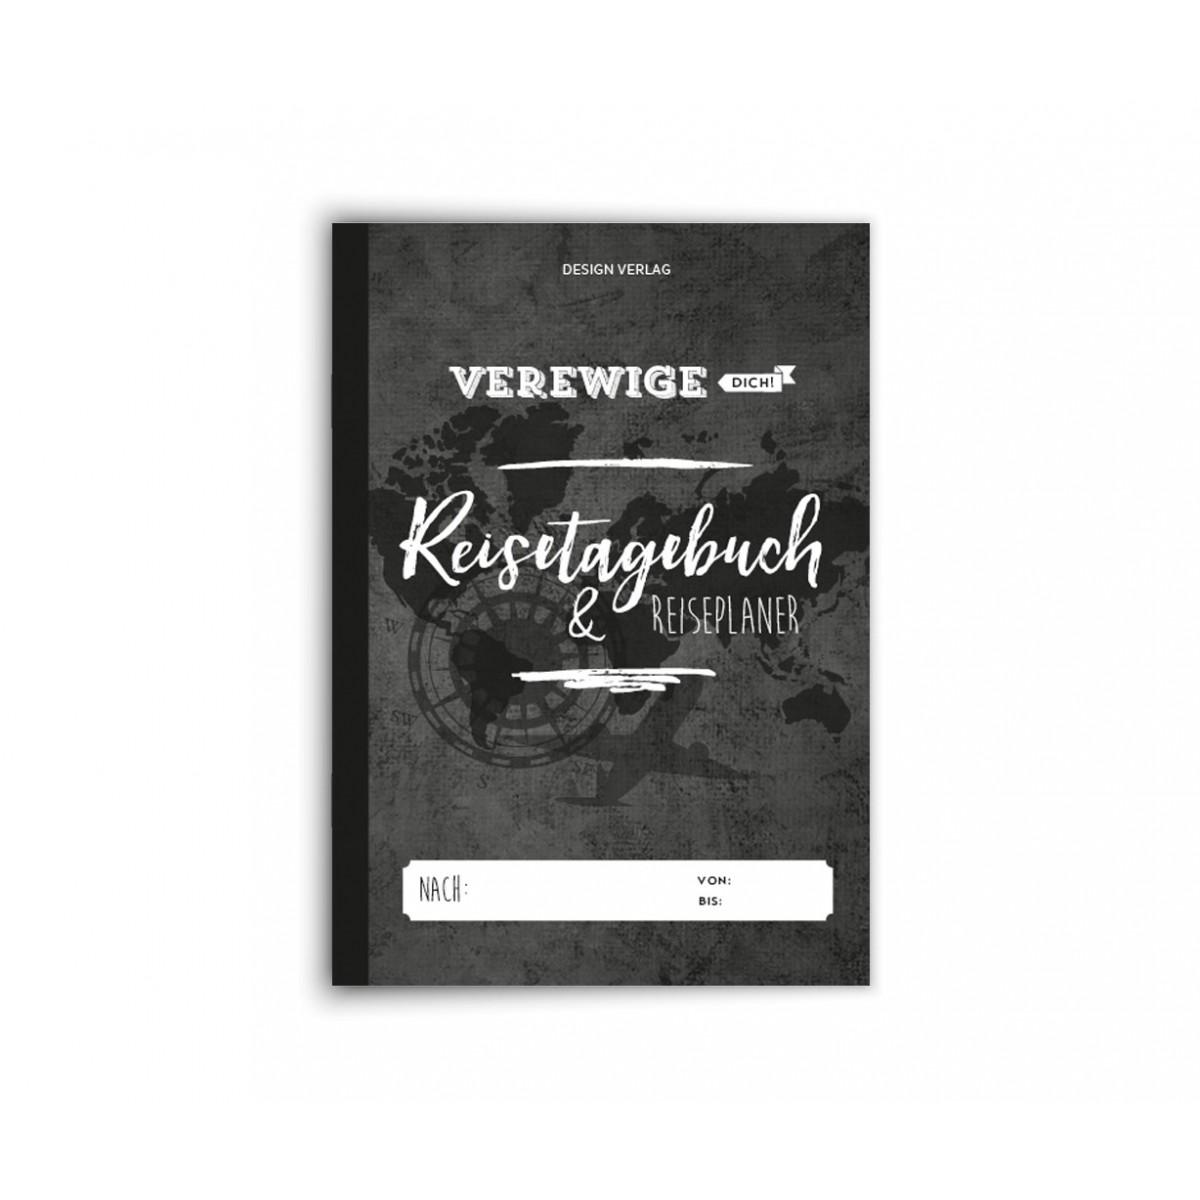 """Design Verlag Reisetagebuch + Reiseplaner """"Verewige Dich!"""""""